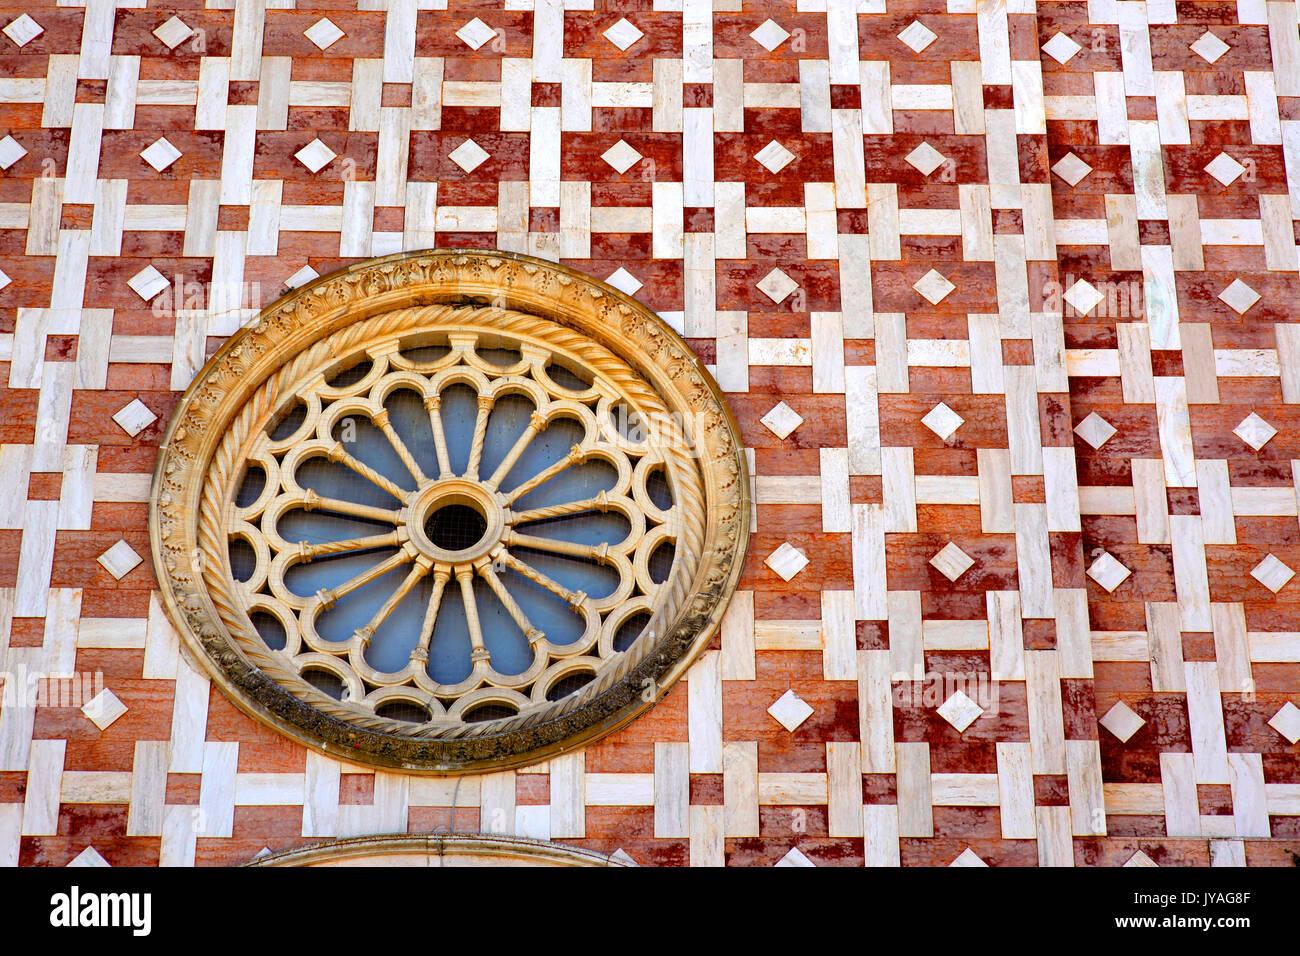 La façade en marbre blanc et rose de l'église de San Nicola ou Basilique Volto Santo à Manoppello, Italie. Photo Stock